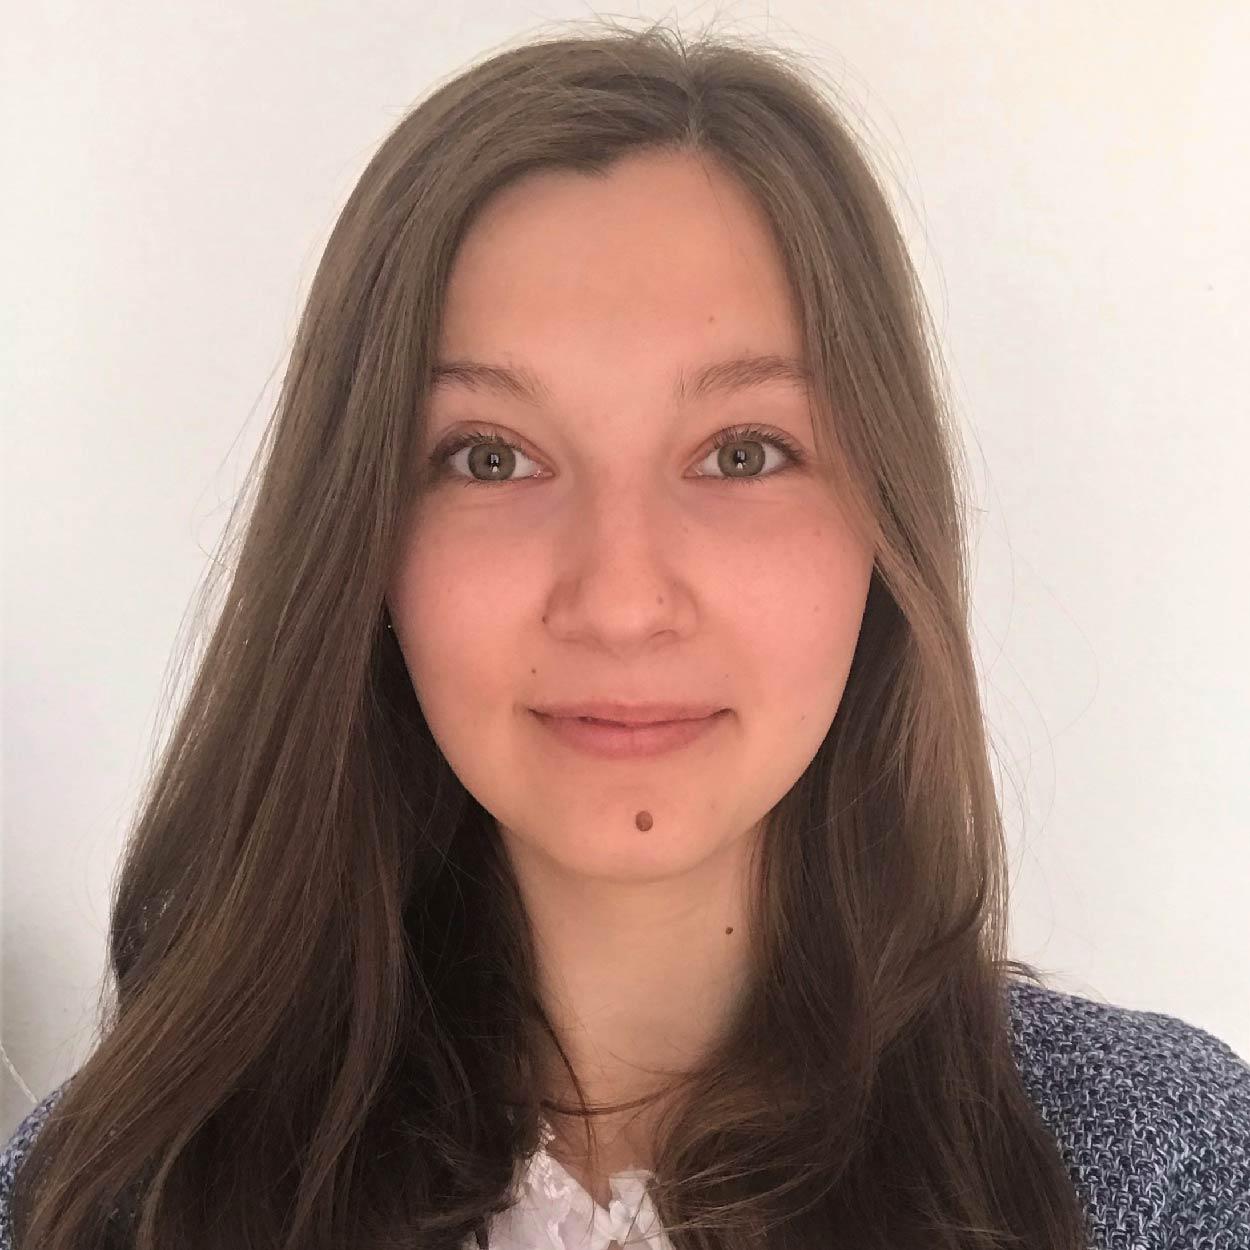 Alina Tomeeva